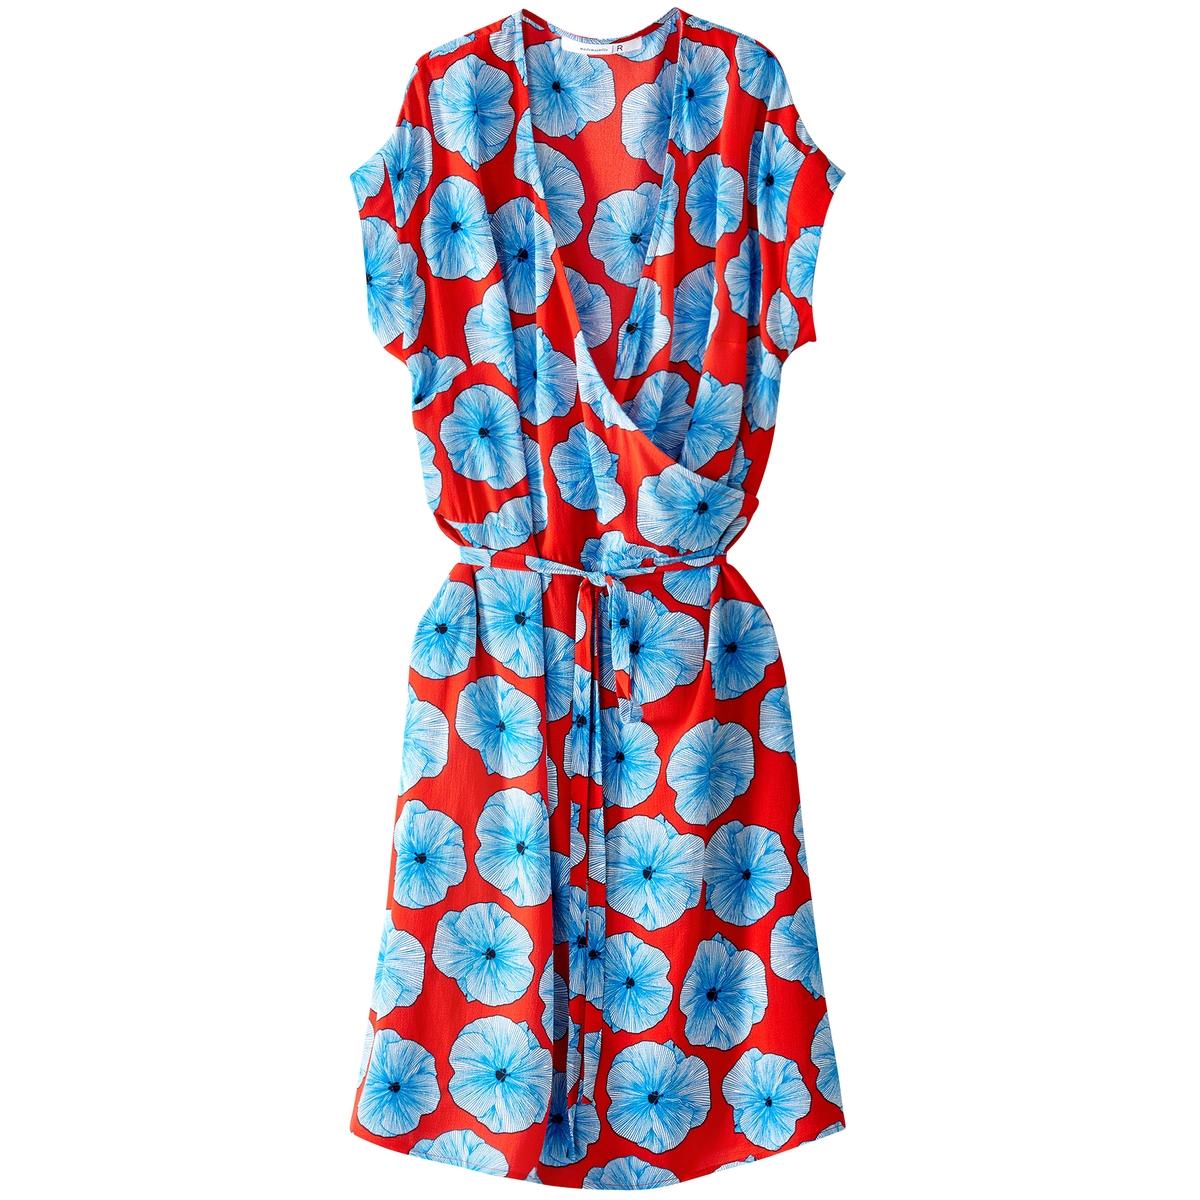 Платье с запахом средней длины, с рисунком